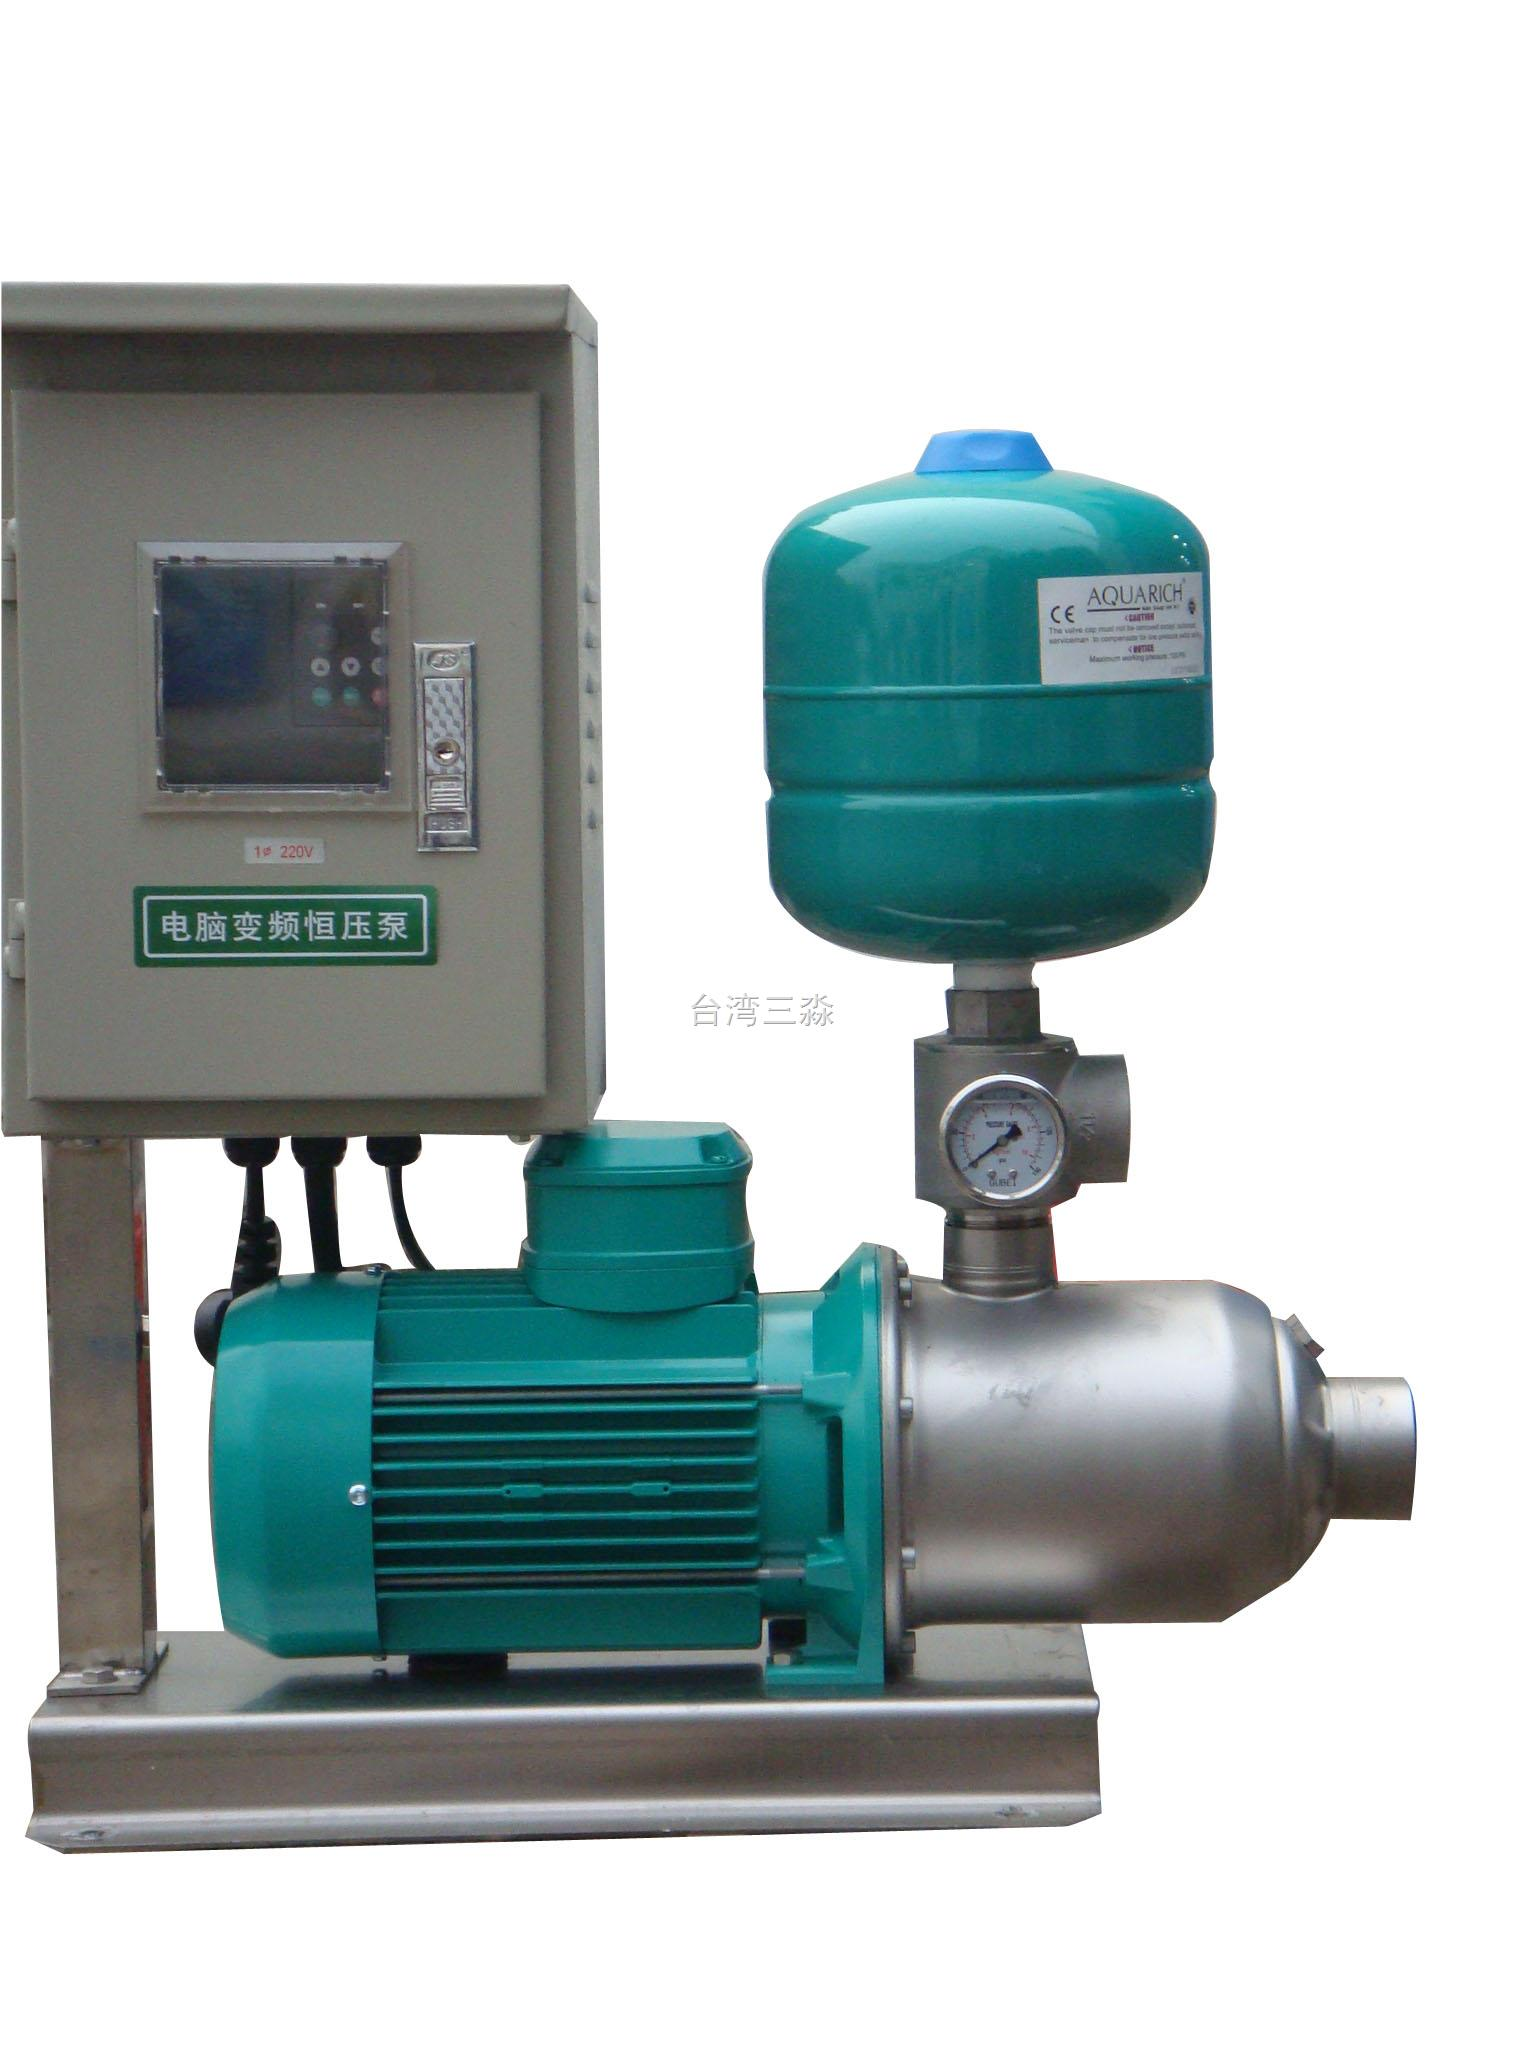 水泵专用变频器,专用止回阀,压力传感器,压力桶等,完美组合的智能供水